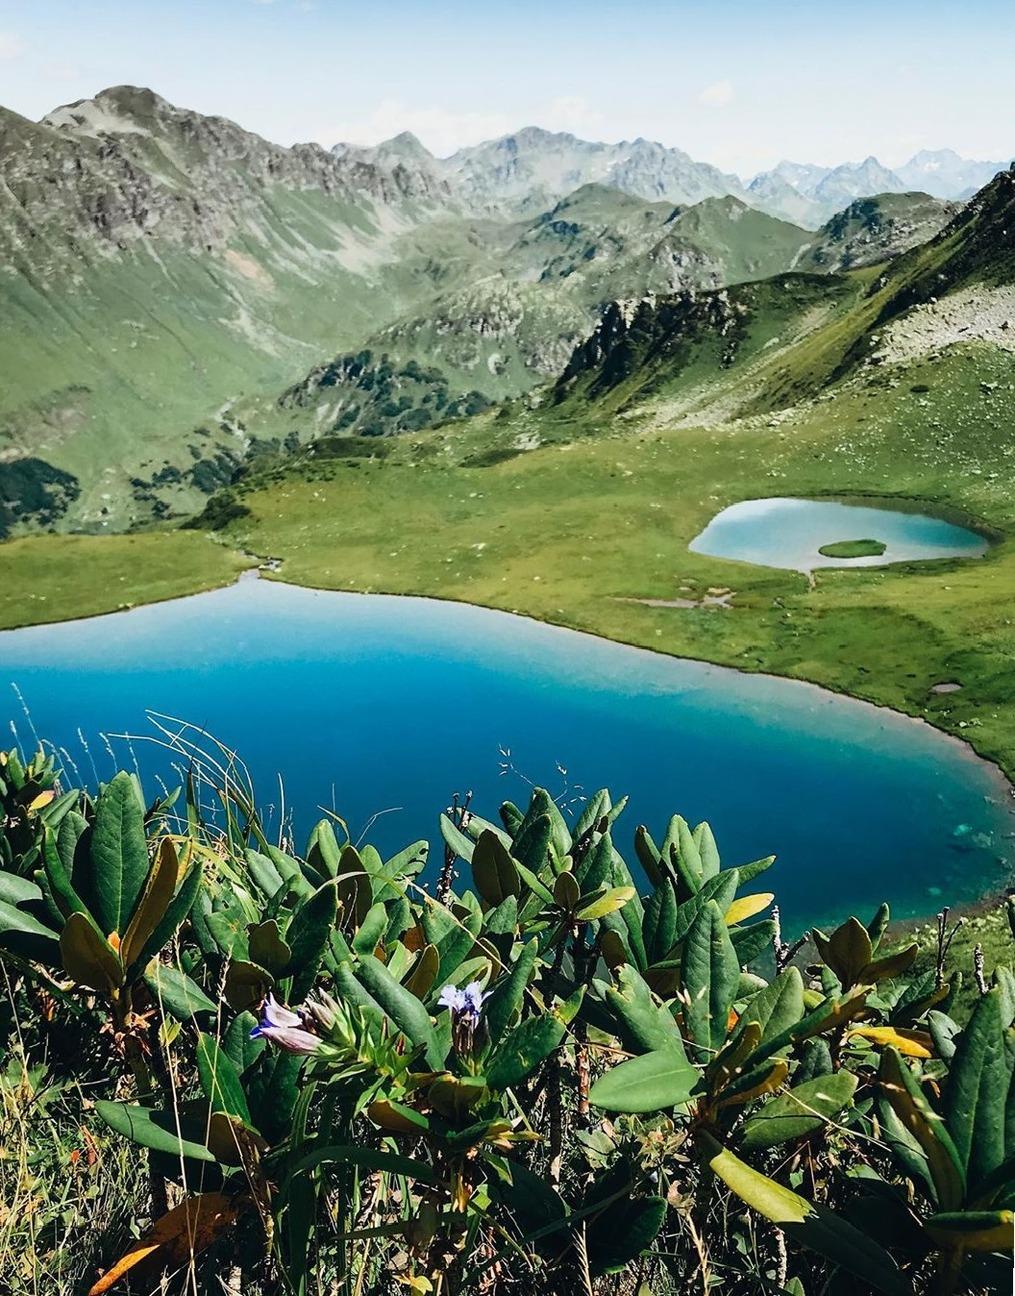 """Затерянное в альпийских лугах озеро Султан Идзиа - одно из 7 озер на маршруте: """"Джиппинг к перевалу Пыв + поход к семиозерью"""""""